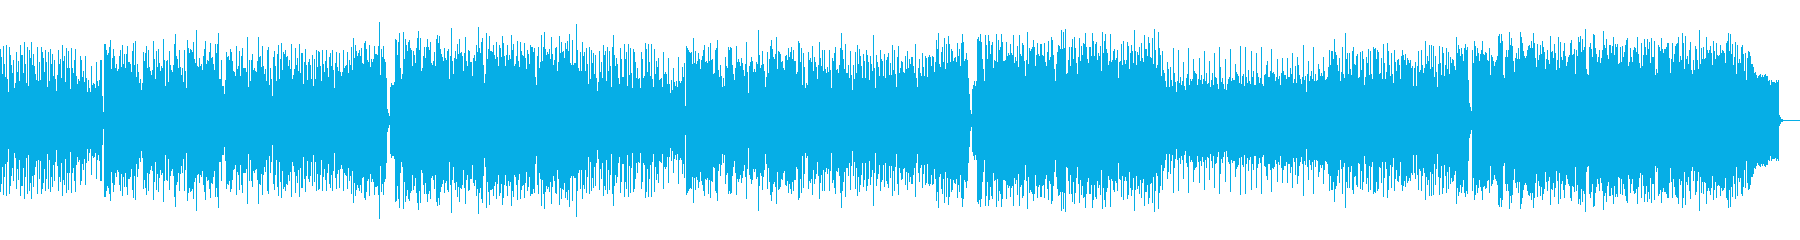 冒険系アニメのオープニングや挿入歌風の再生済みの波形